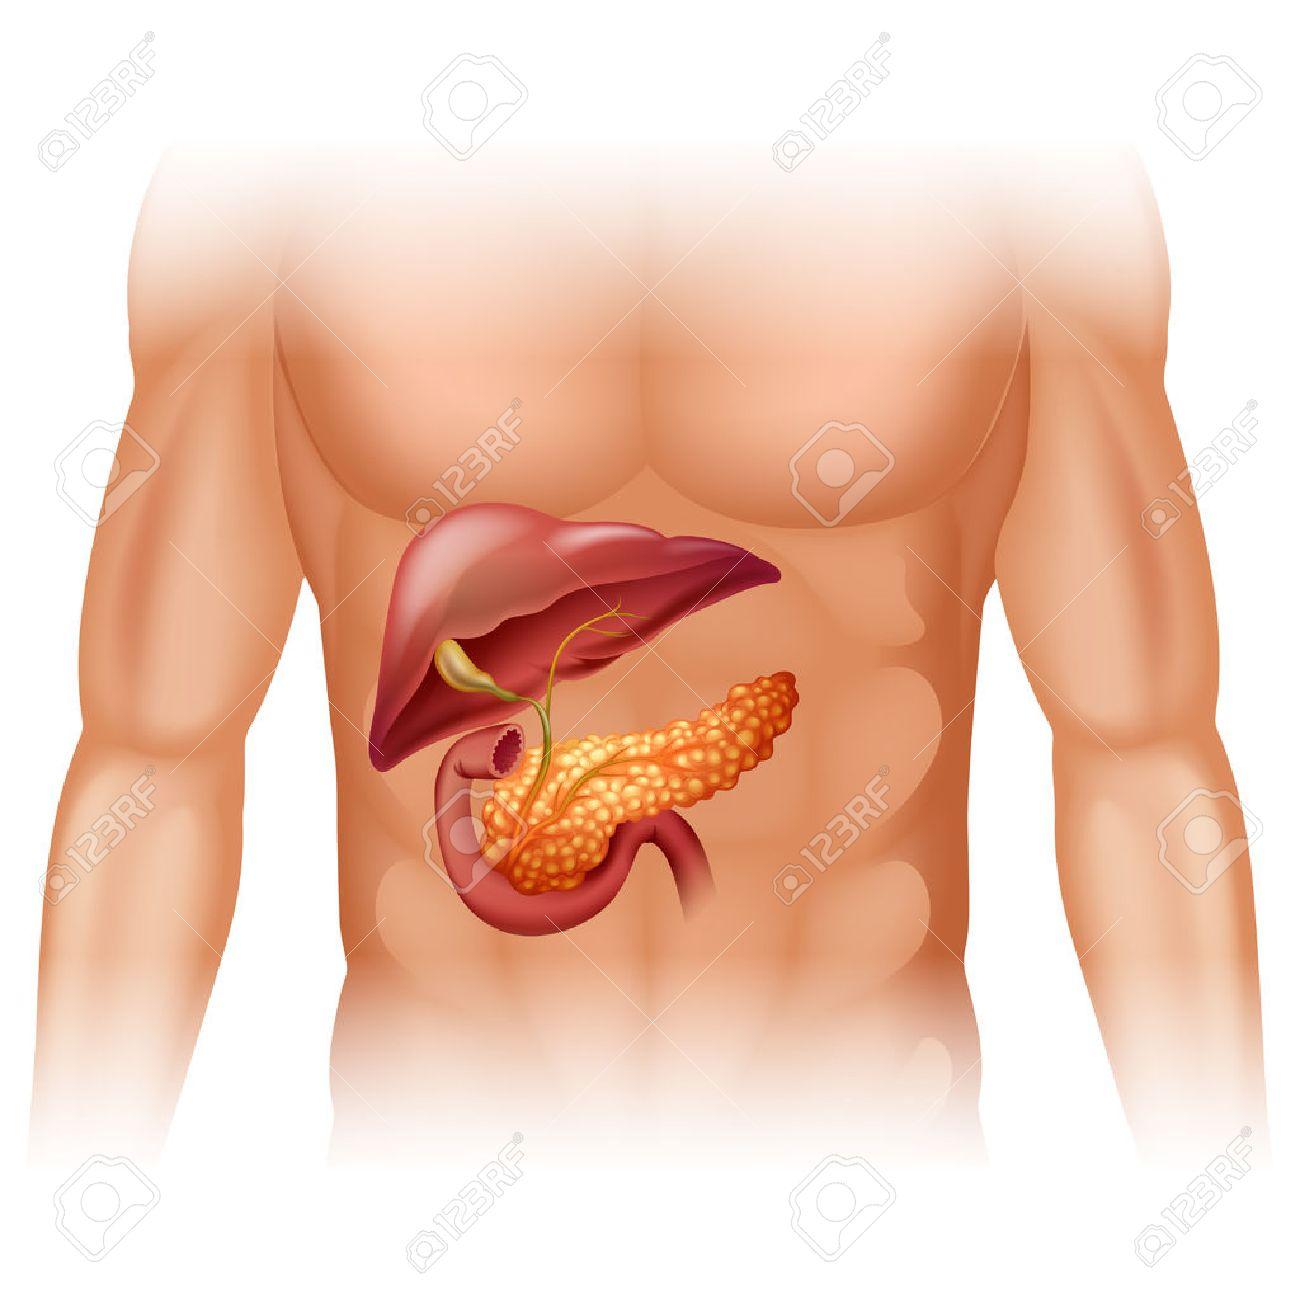 Diagrama De Cáncer De Páncreas En Detalle Ilustración Ilustraciones ...